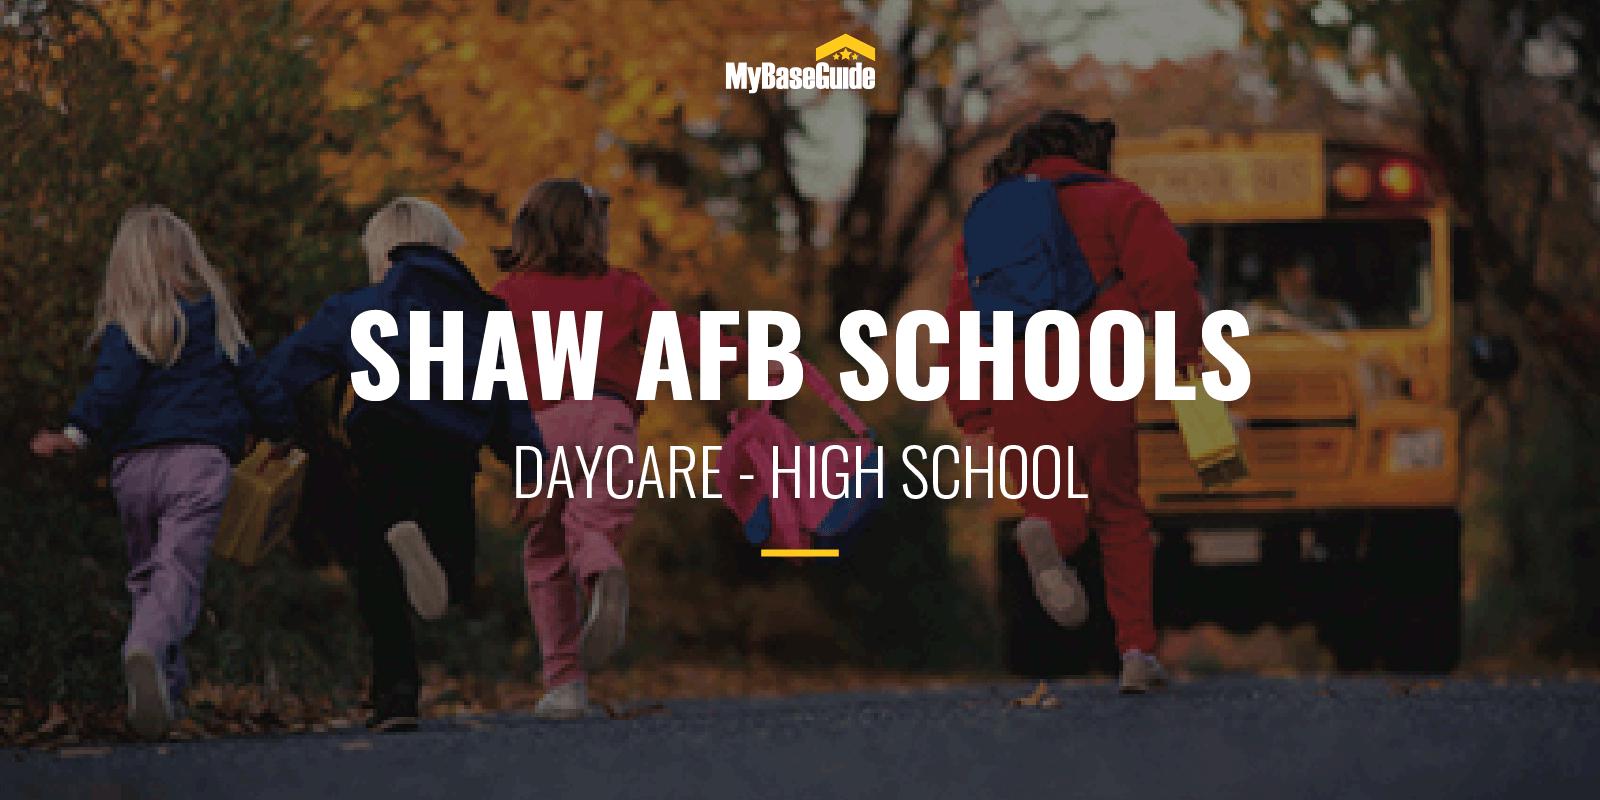 Shaw AFB Schools: Daycare - High School (2021 Edition)